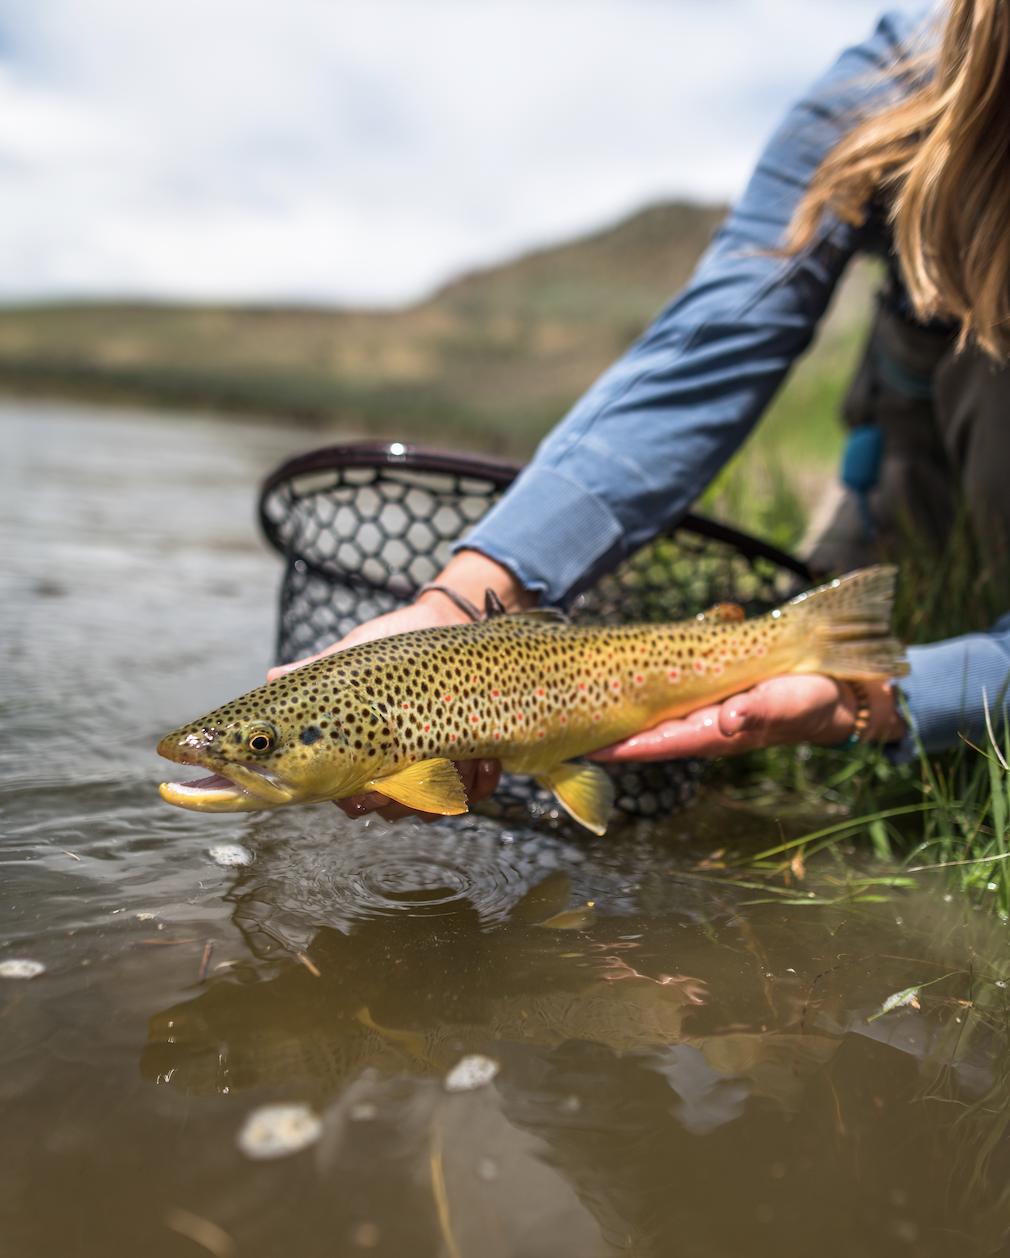 Colorado River Fishing Report | Colorado Fishing Conditions